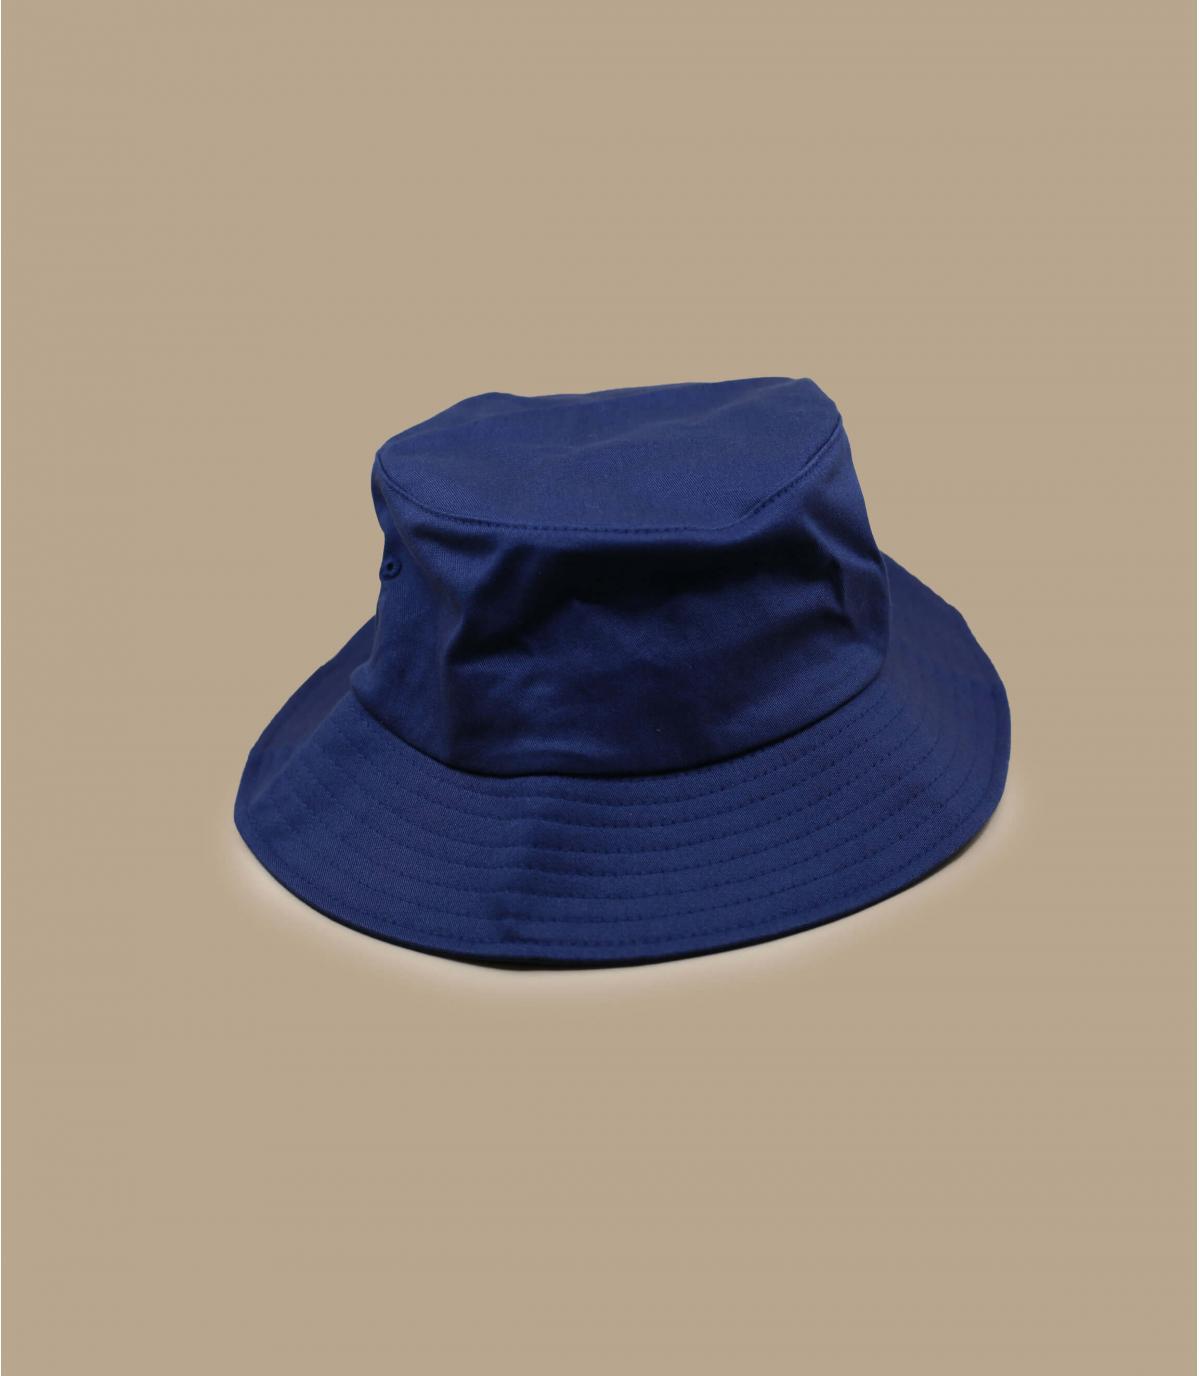 Détails Bucker blue wm - image 2